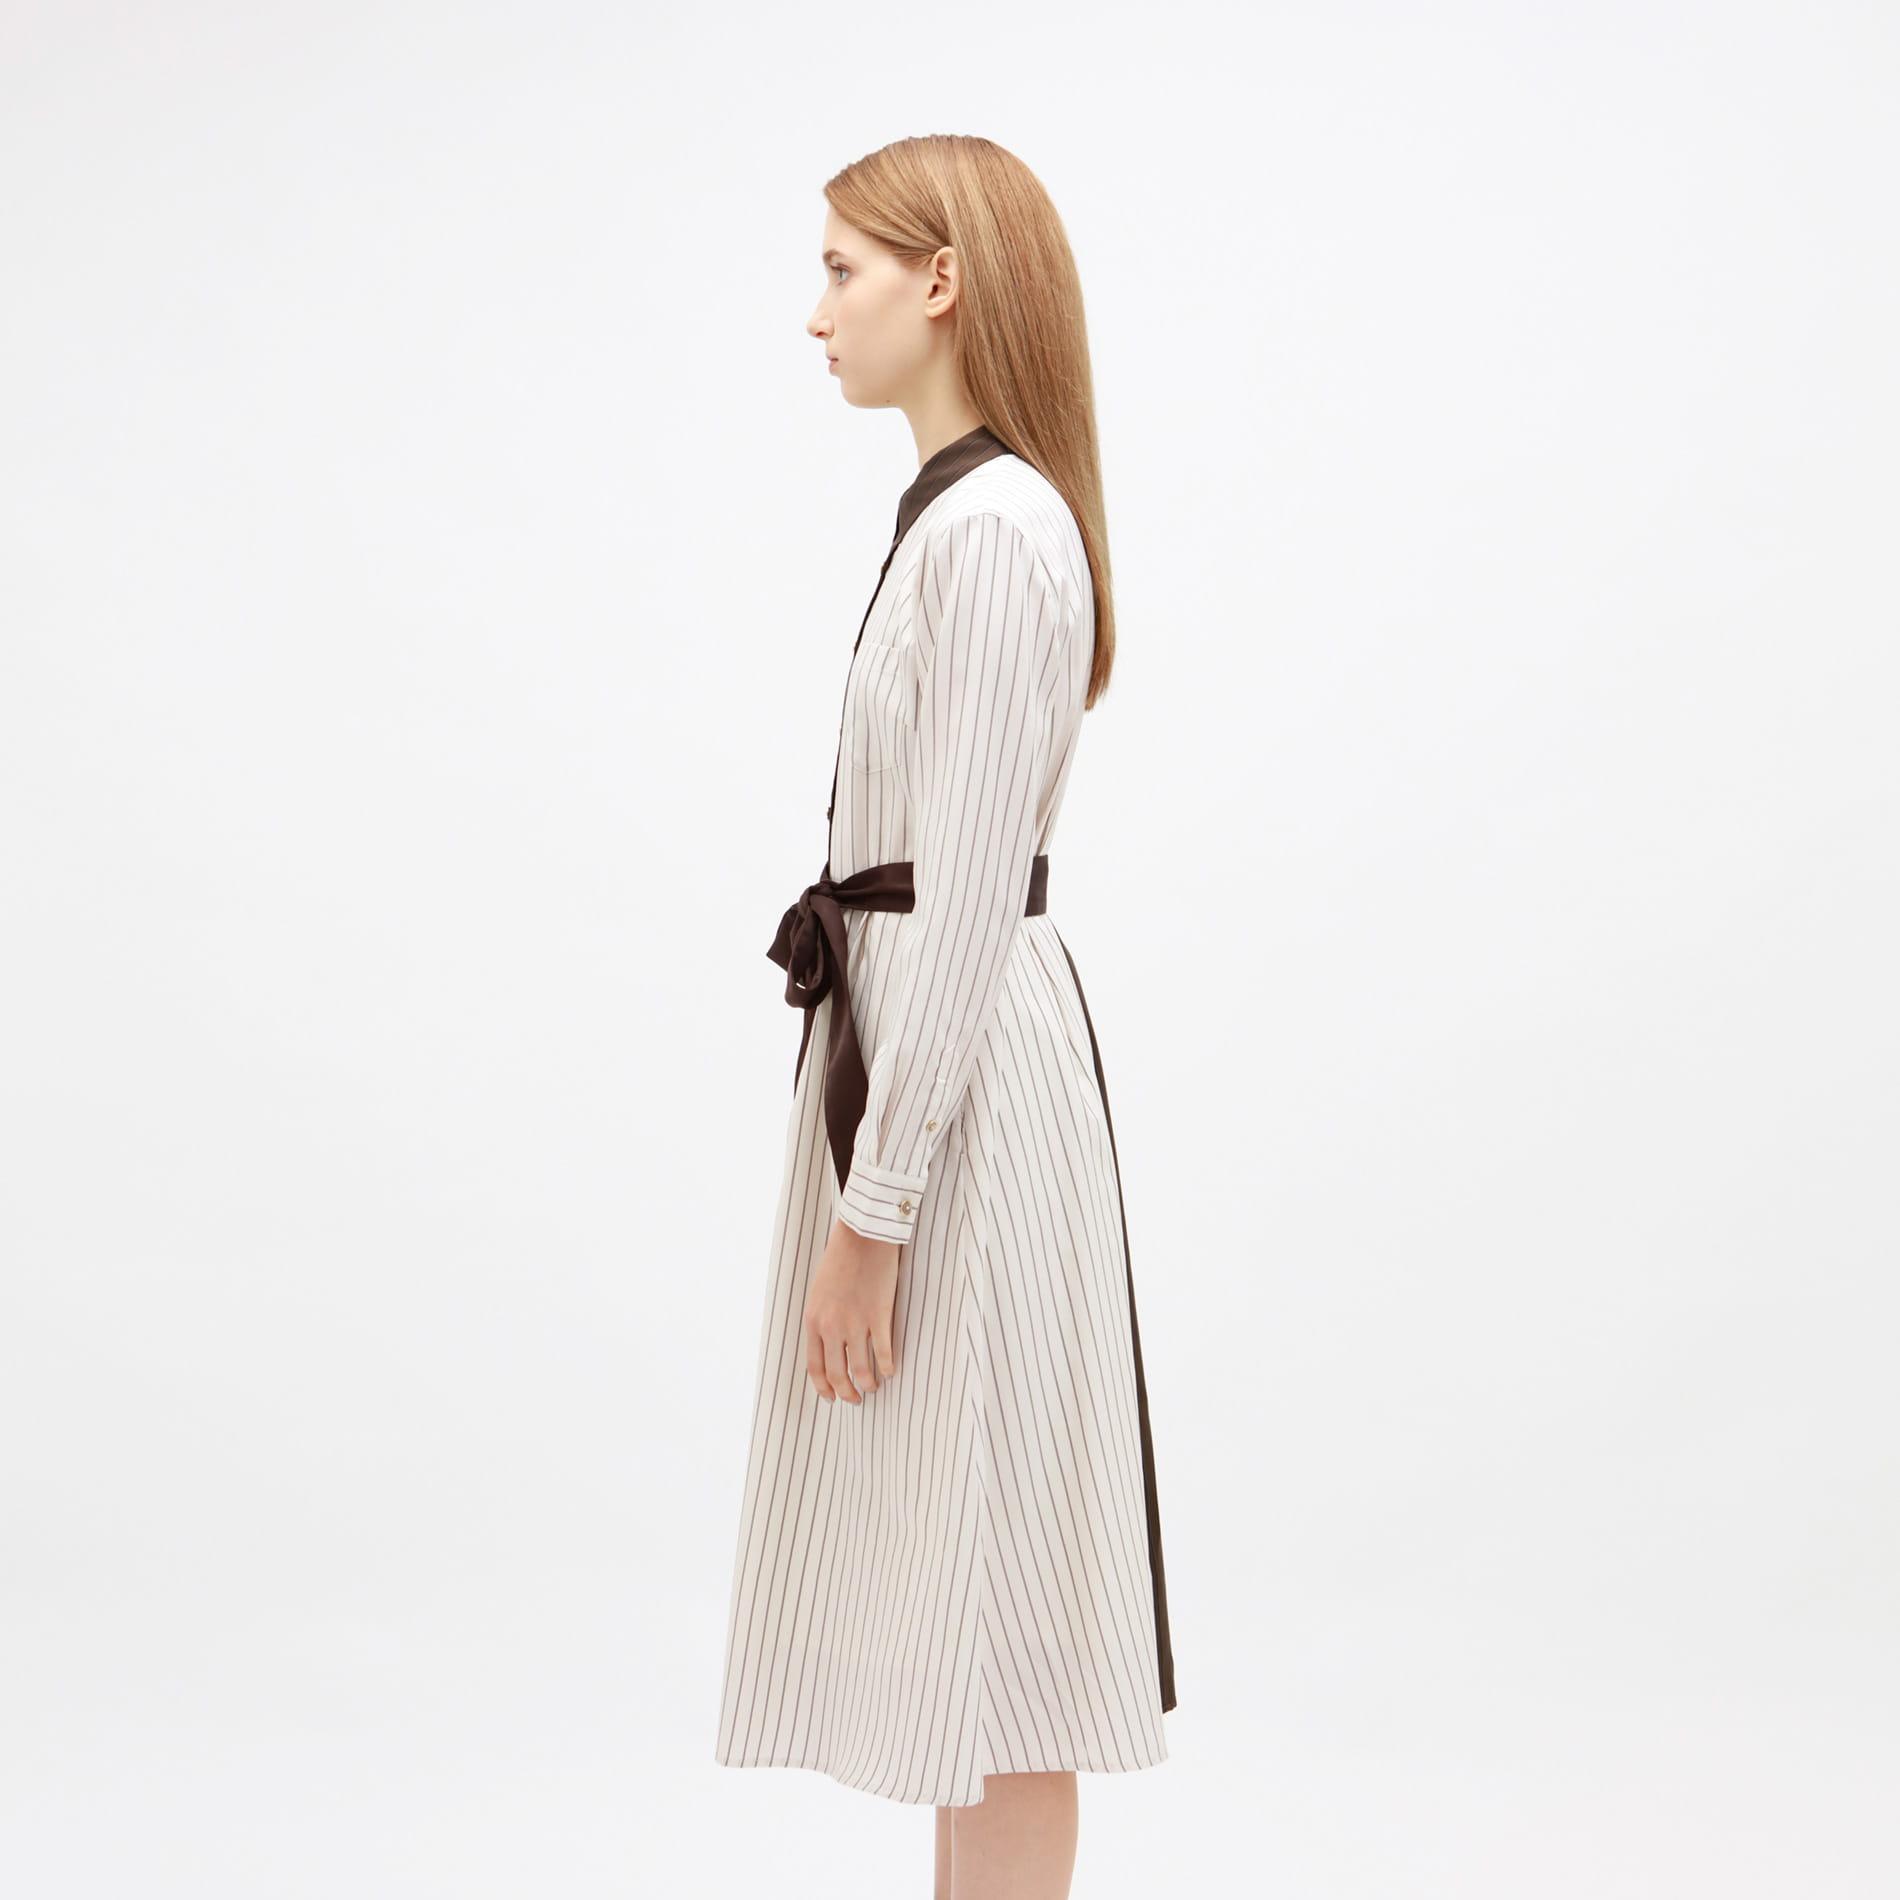 スプリット バイカラー ドレス